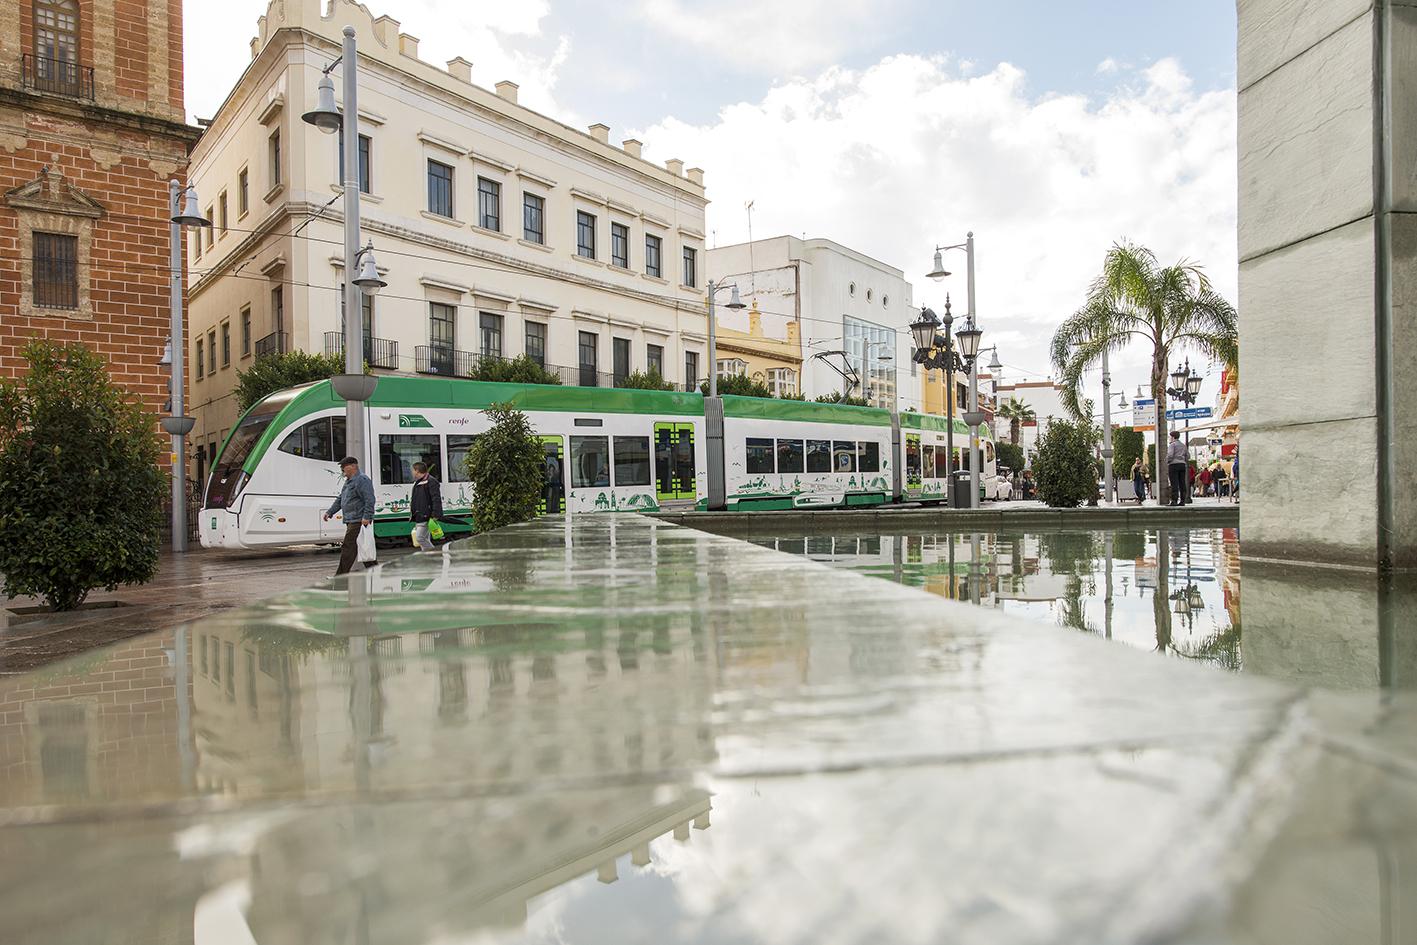 El tranvía en pruebas a su paso por al calle Real.